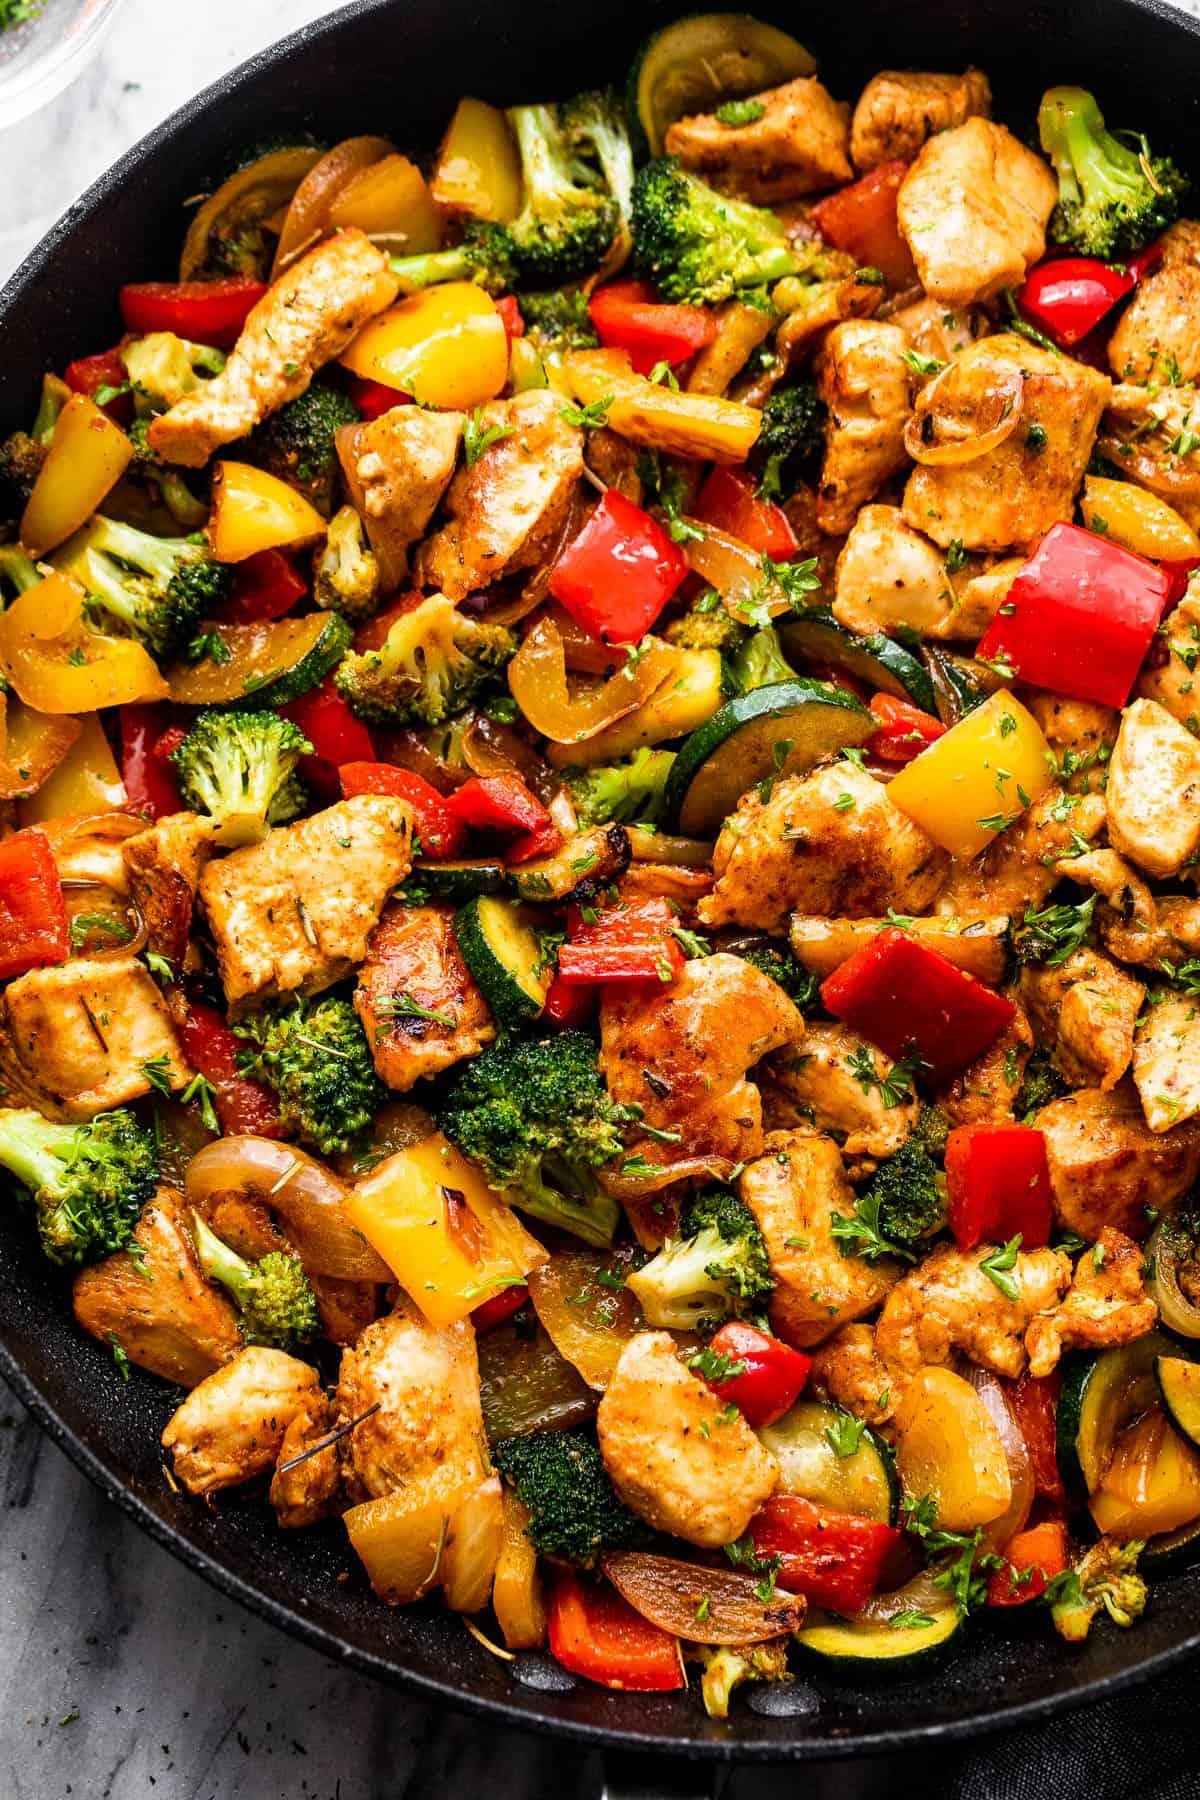 Csirke és zöldség egy fekete serpenyőben